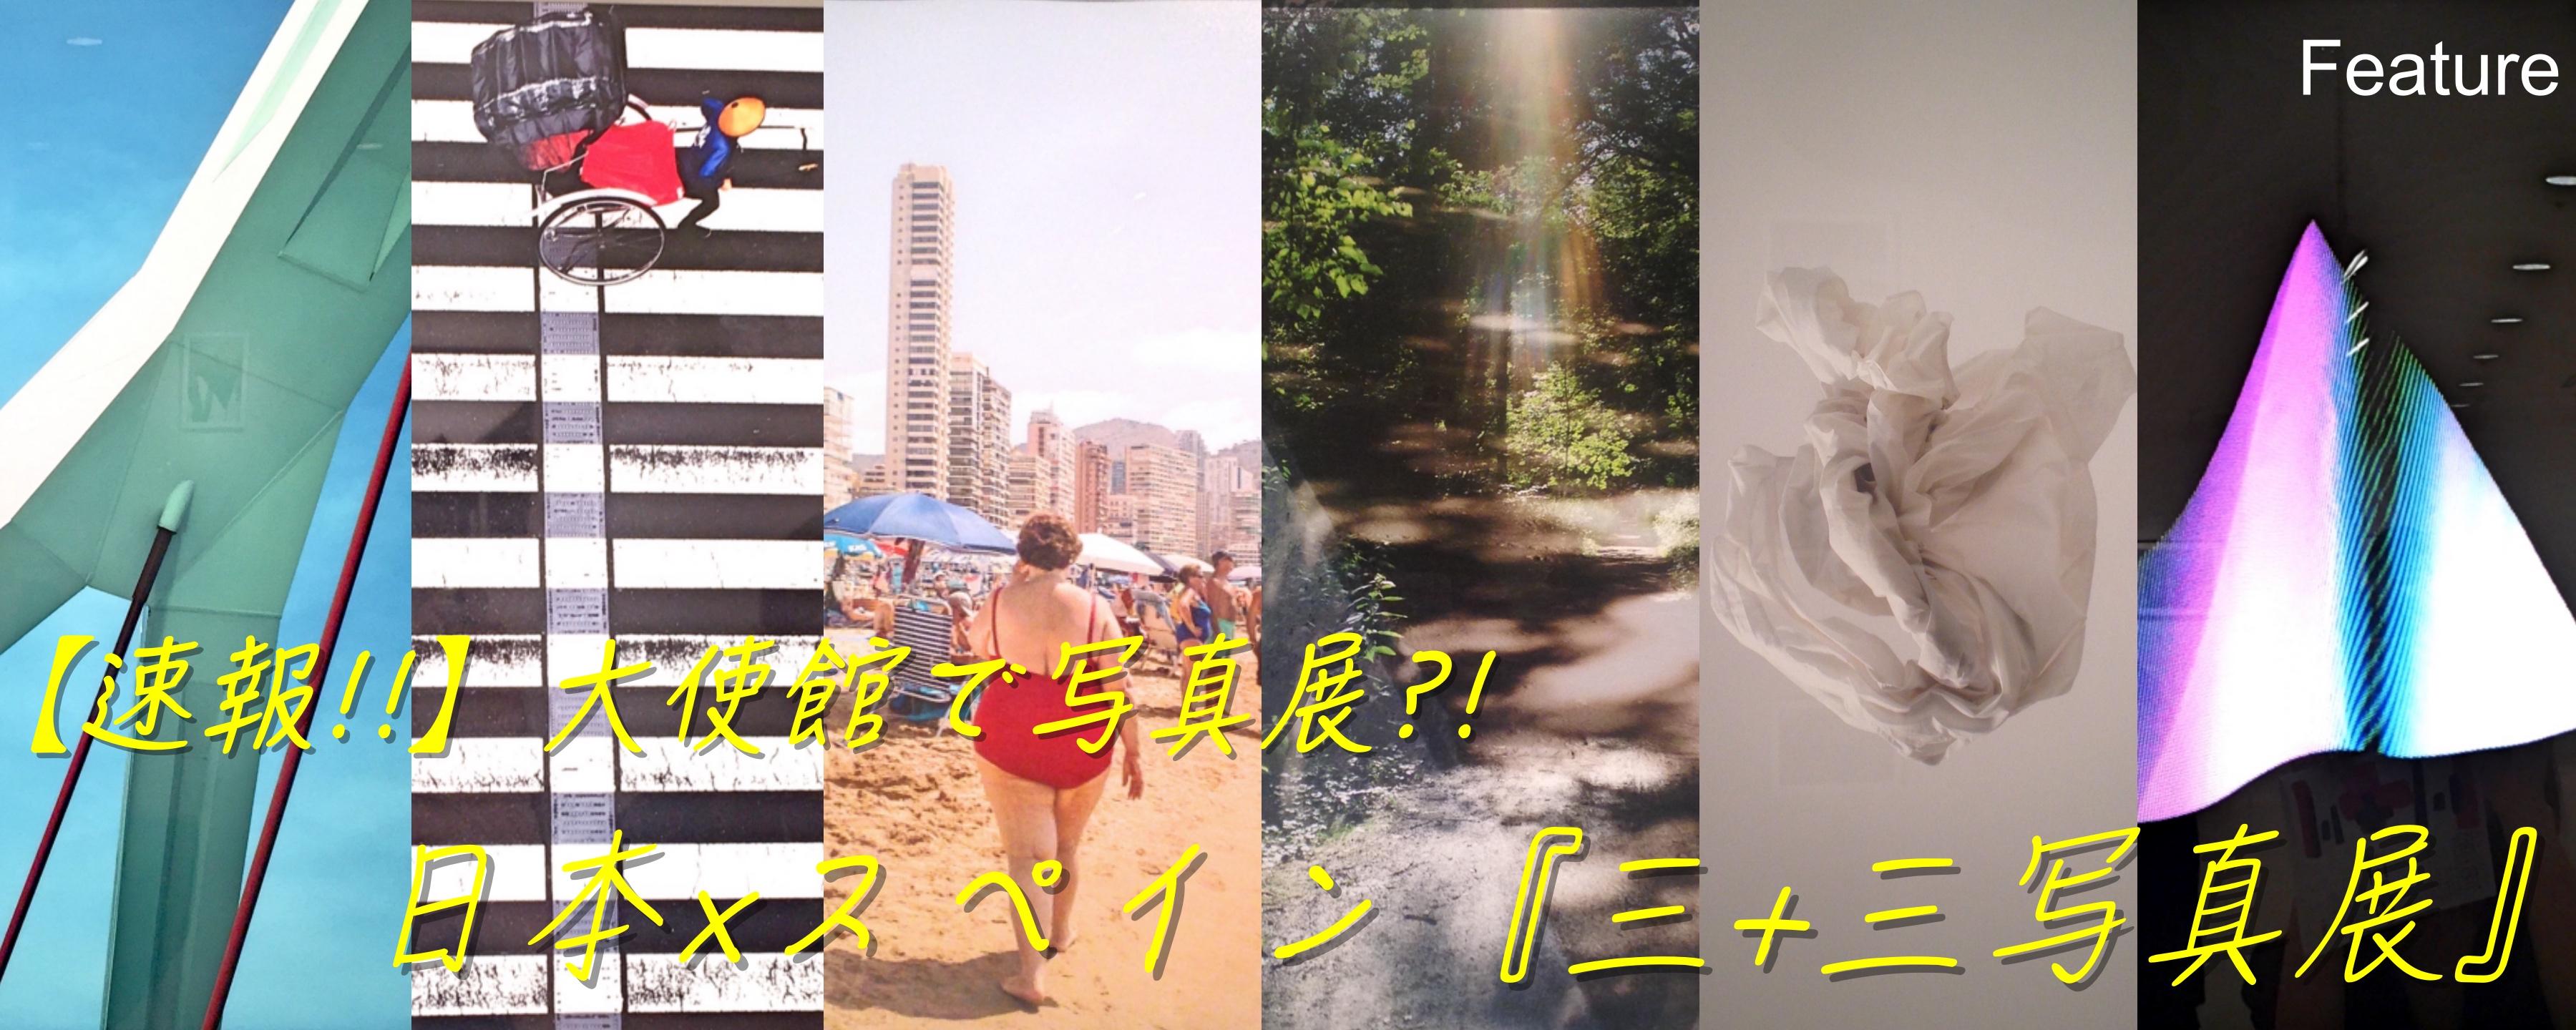 【速報!!】大使館で写真展?!  日本×スペイン『三+三写真展』